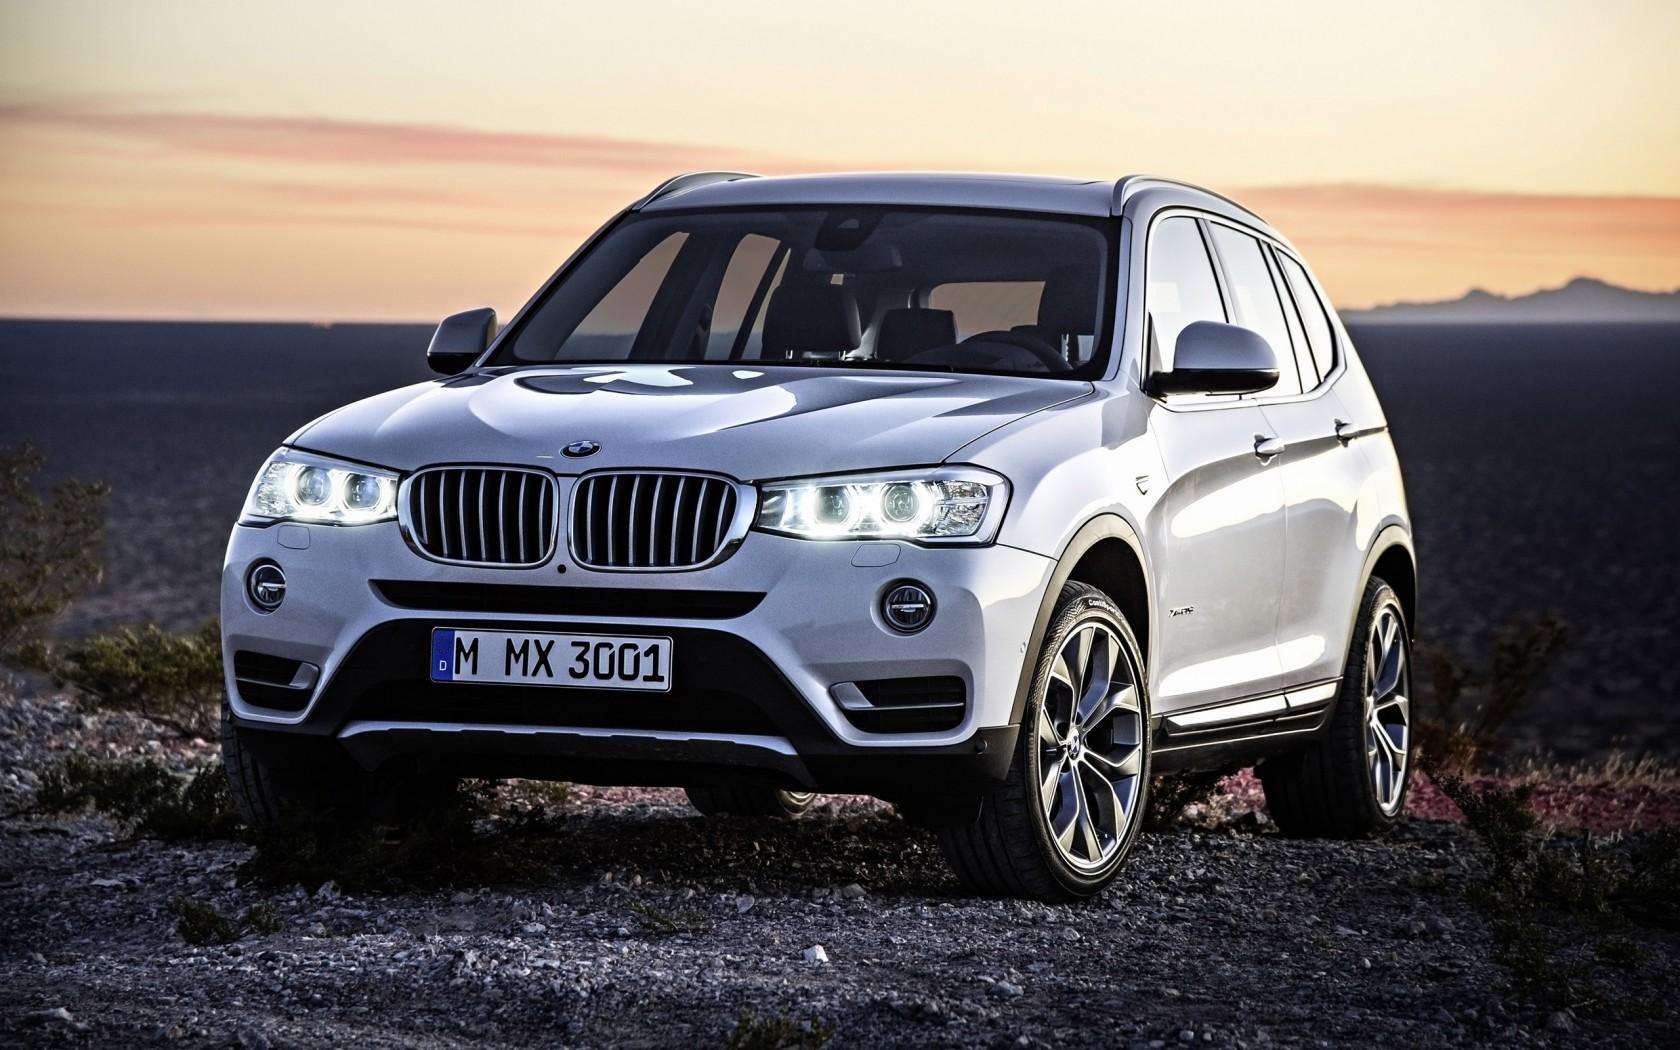 BMW X3 2014 Wallpaper | HD Car Wallpapers | ID #4121